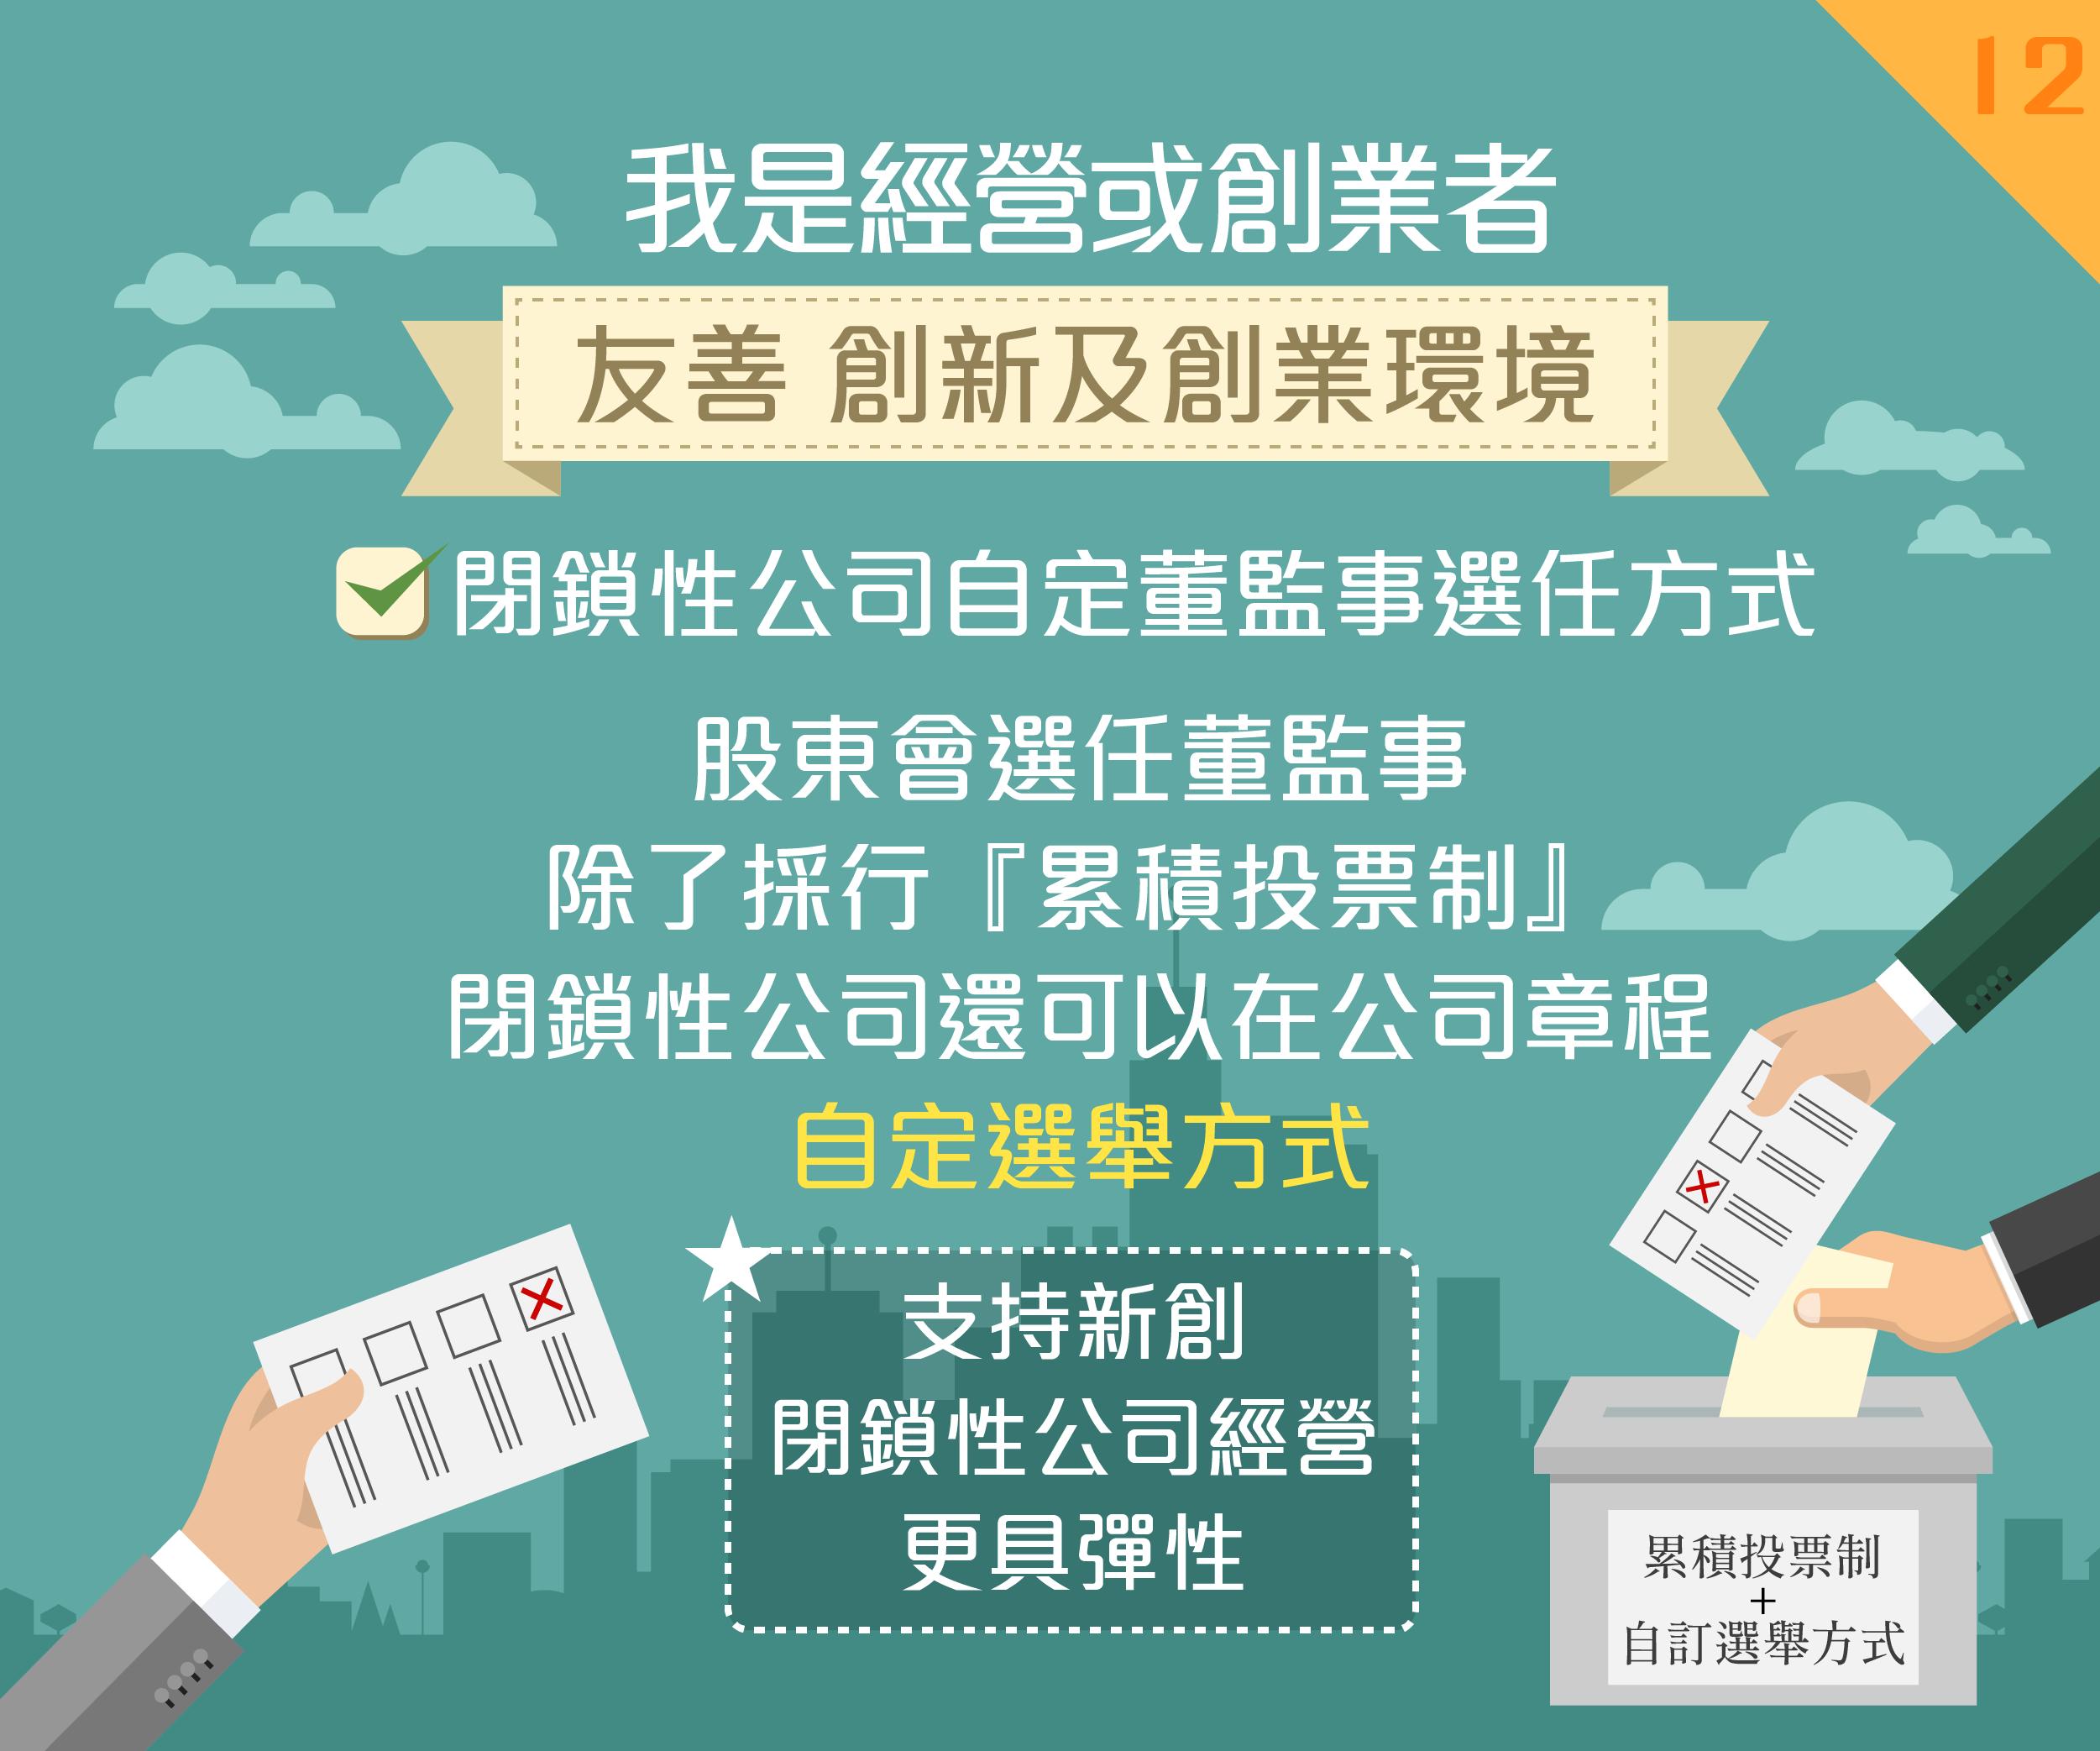 公司法懶人包修改2018-0827-13